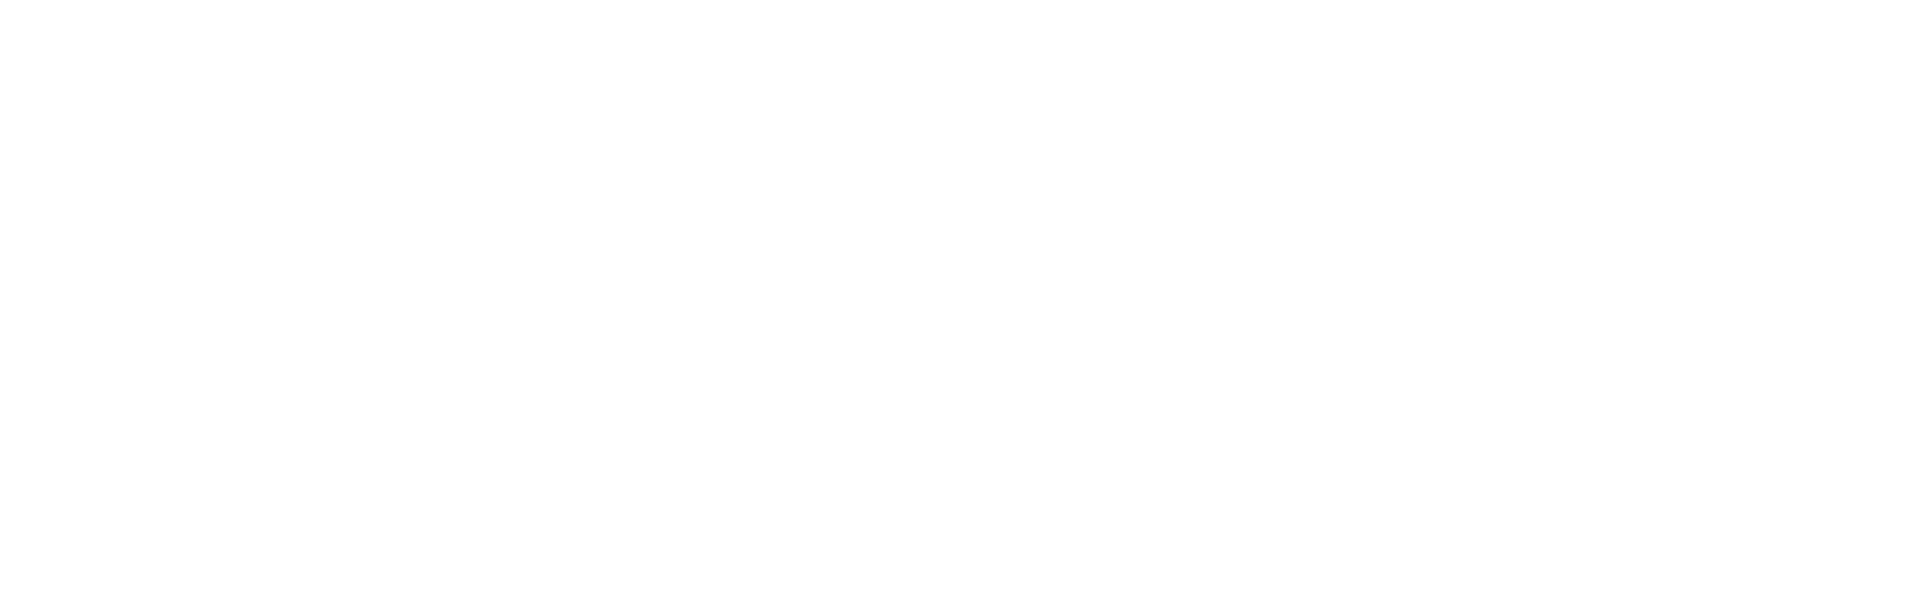 kaleidescop.png